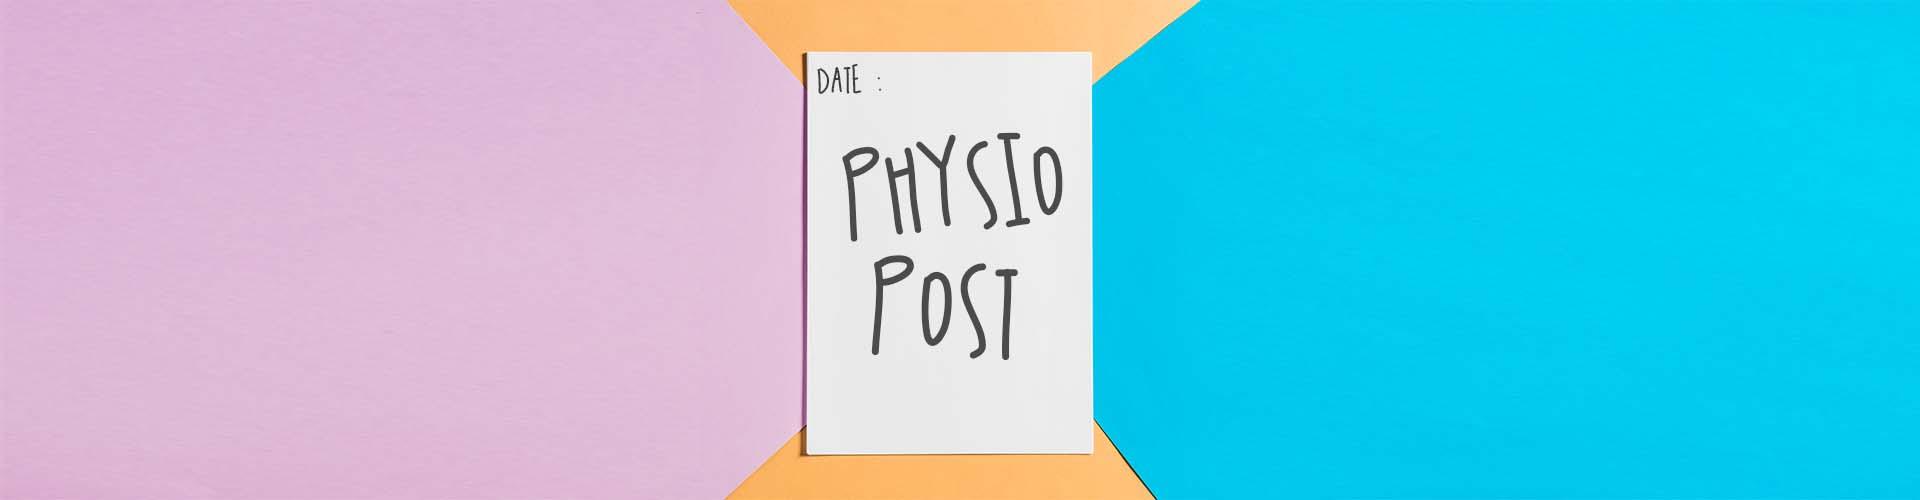 Physio Post